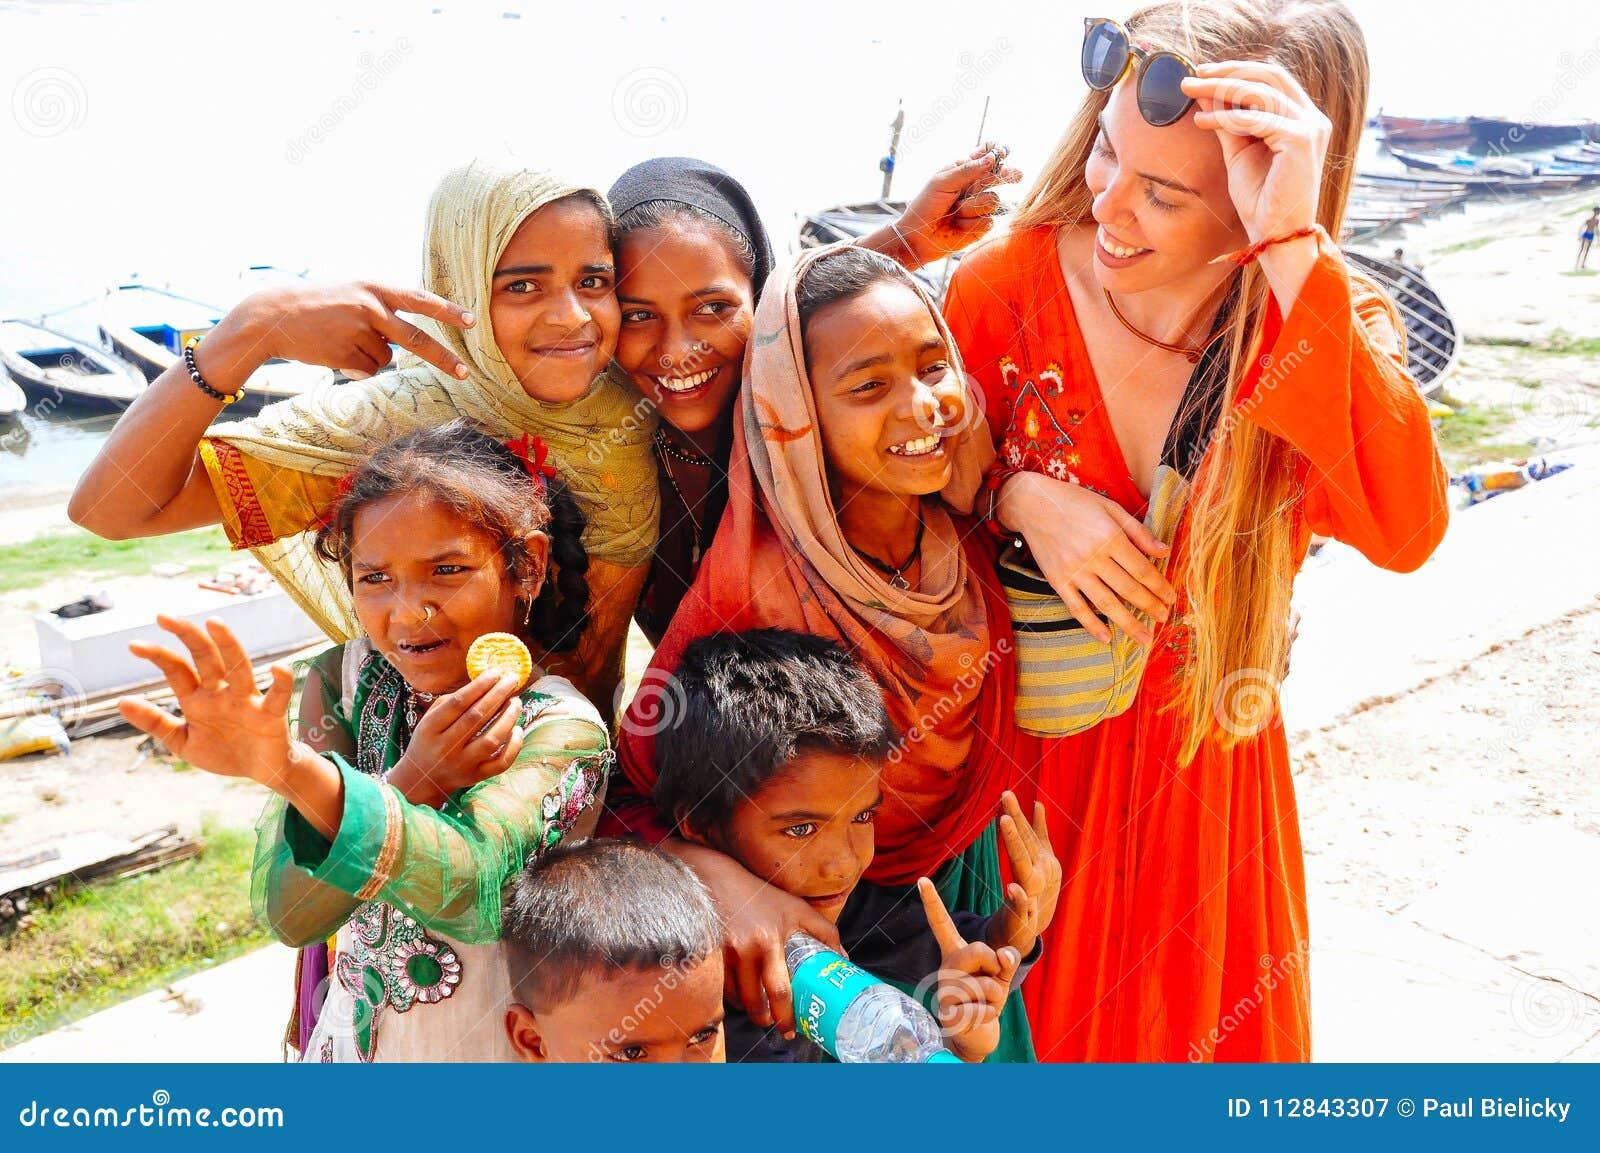 Locals embrace a tourist in Varanasi, India.